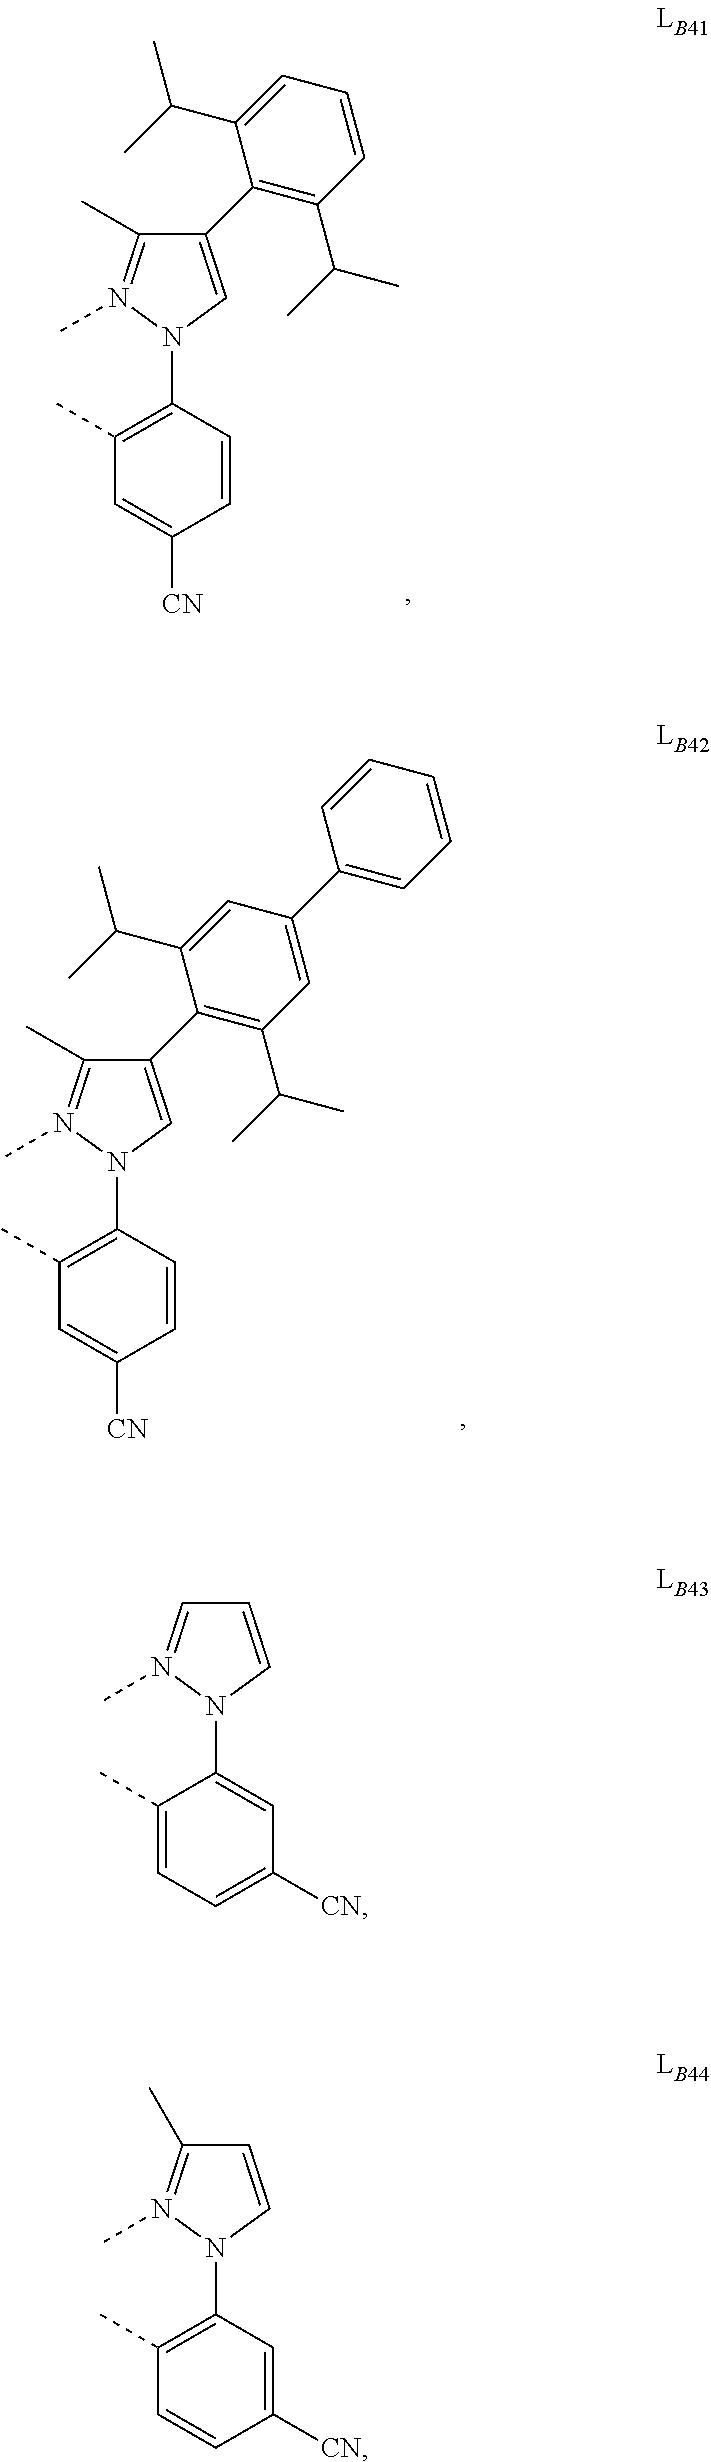 Figure US09905785-20180227-C00566